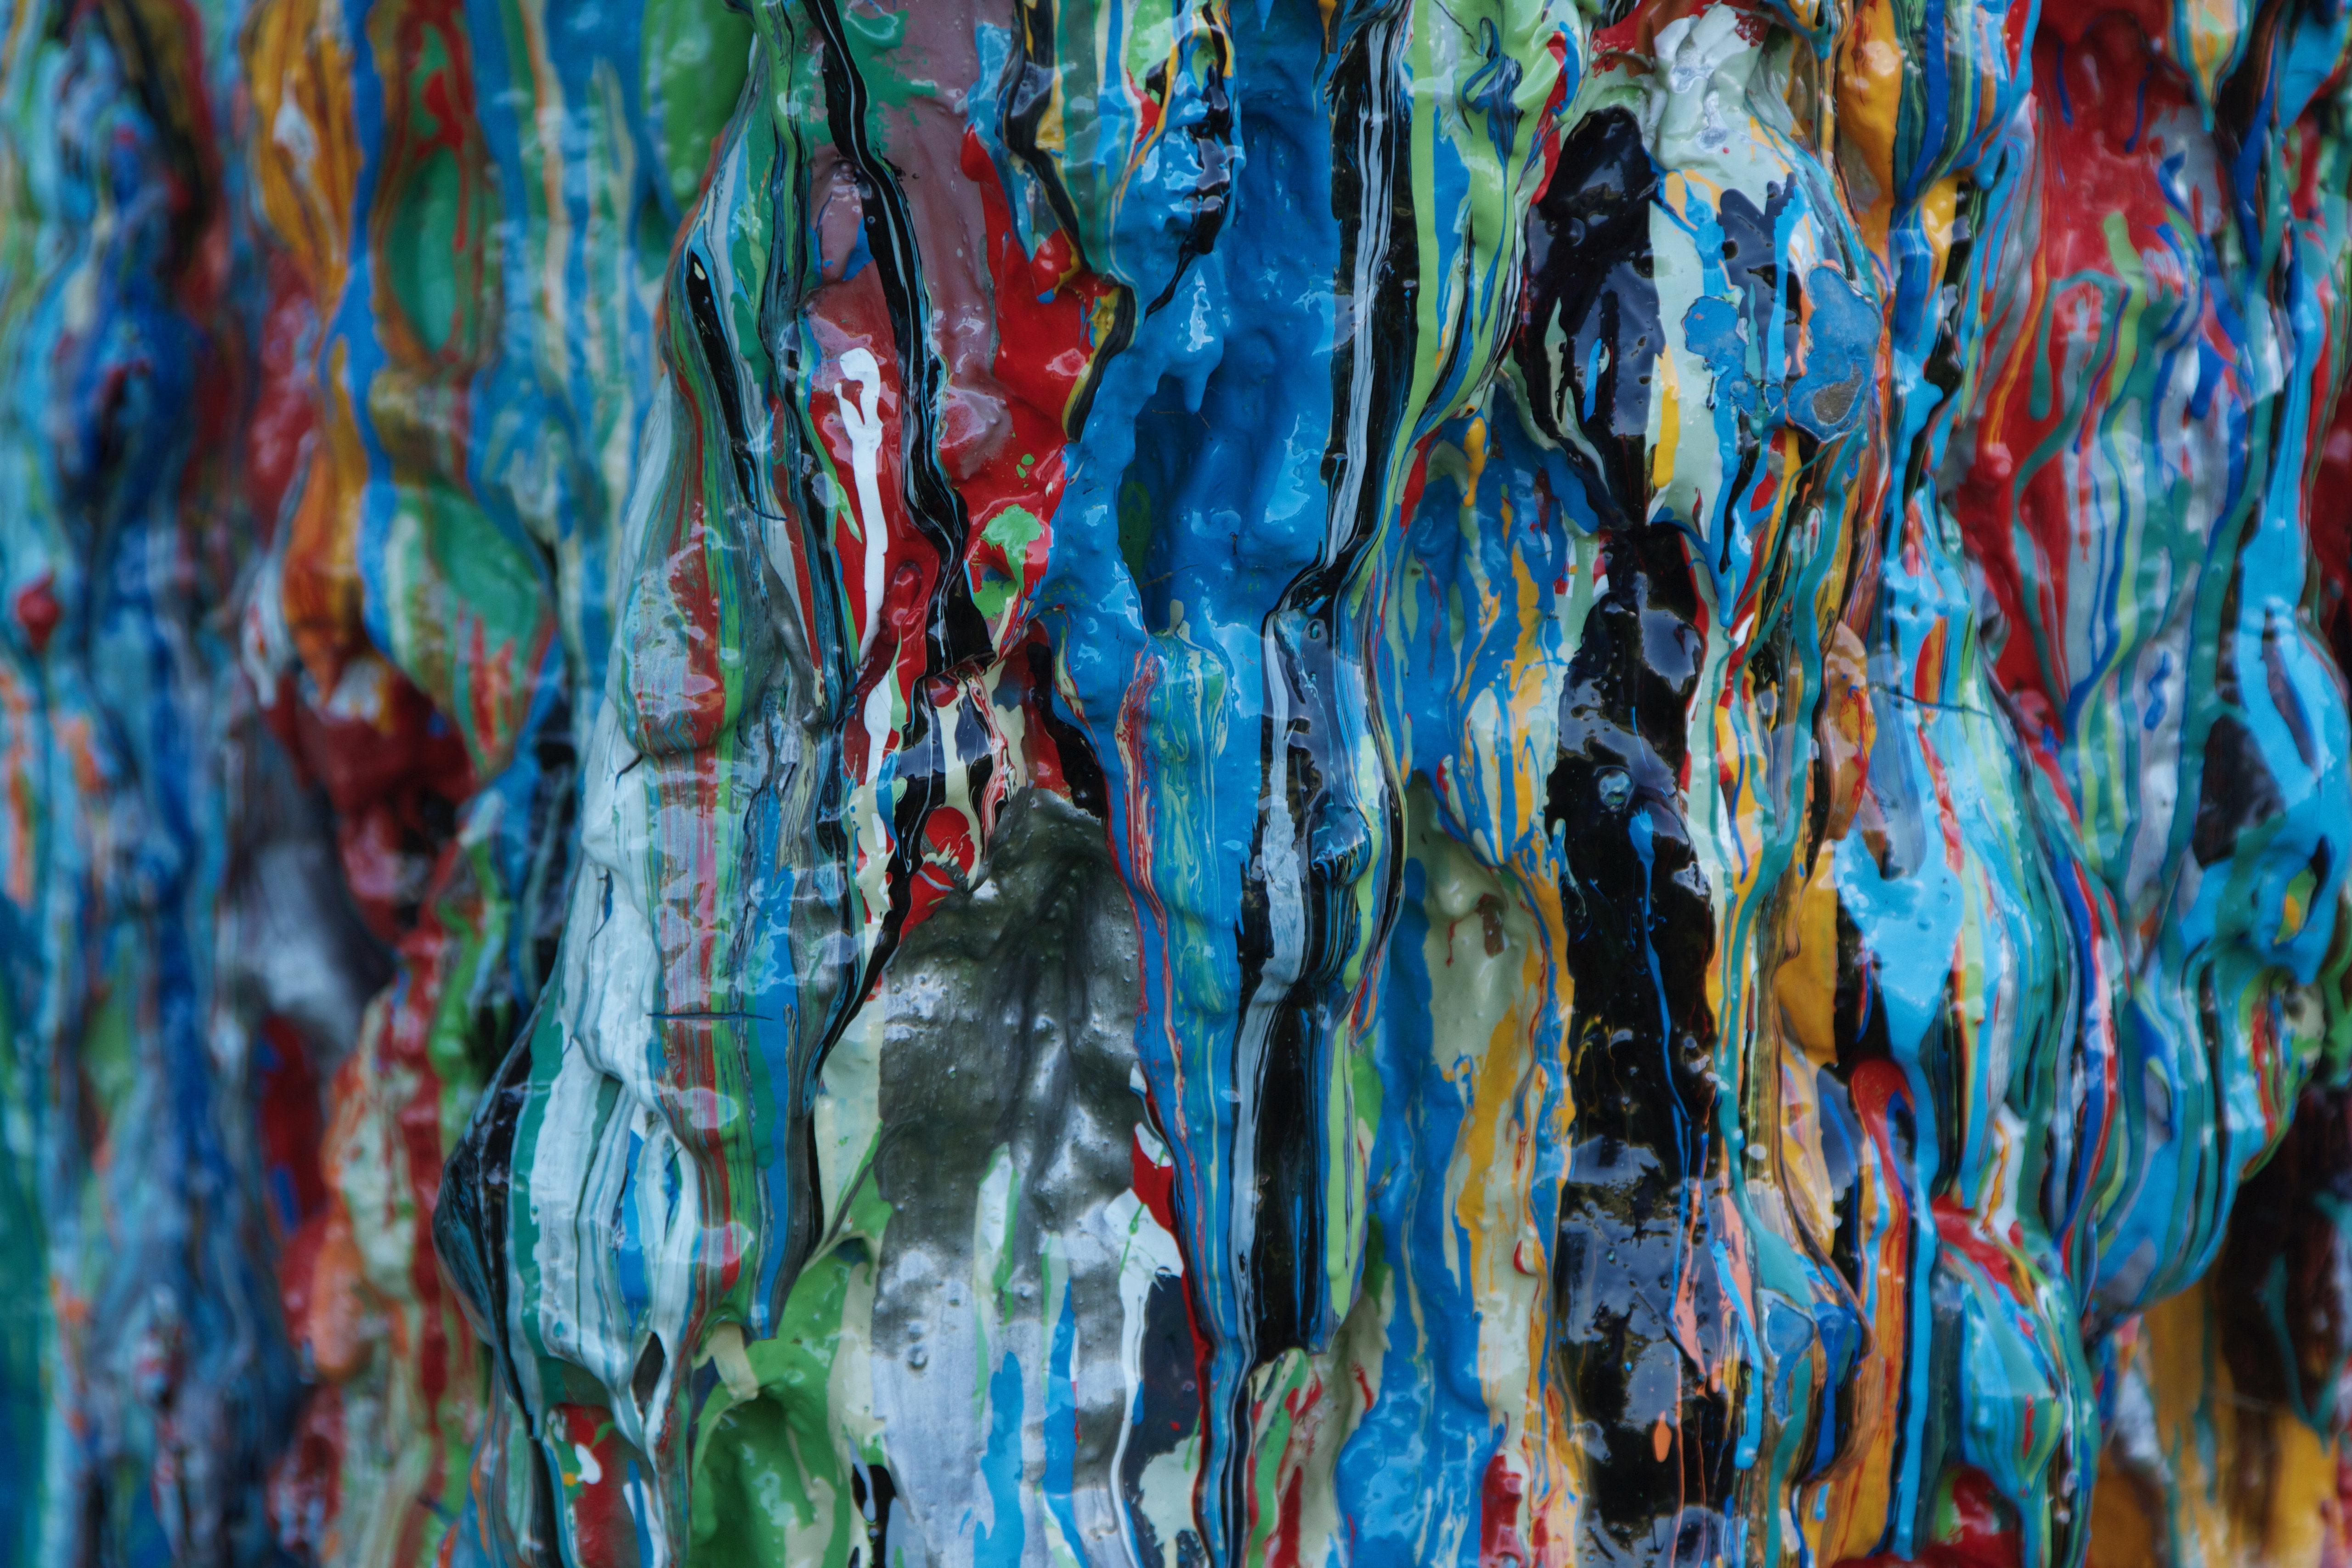 127322 скачать обои Абстракция, Краска, Разноцветный, Поверхность, Объем - заставки и картинки бесплатно